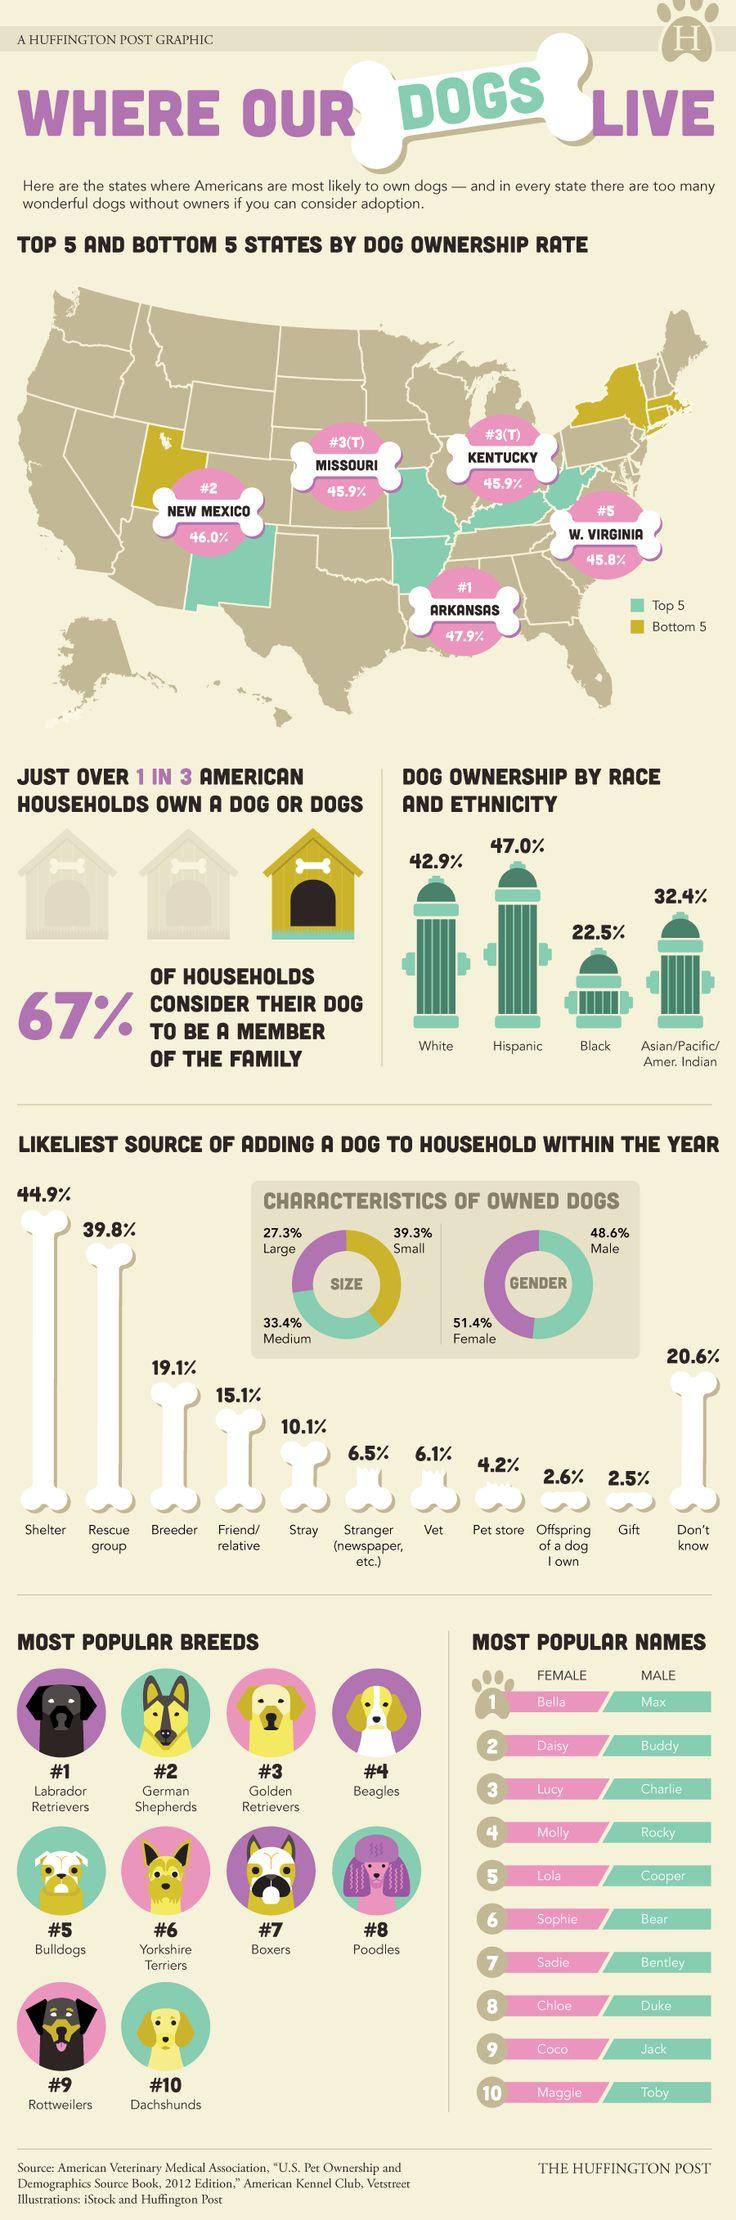 Top Dog Ownership States